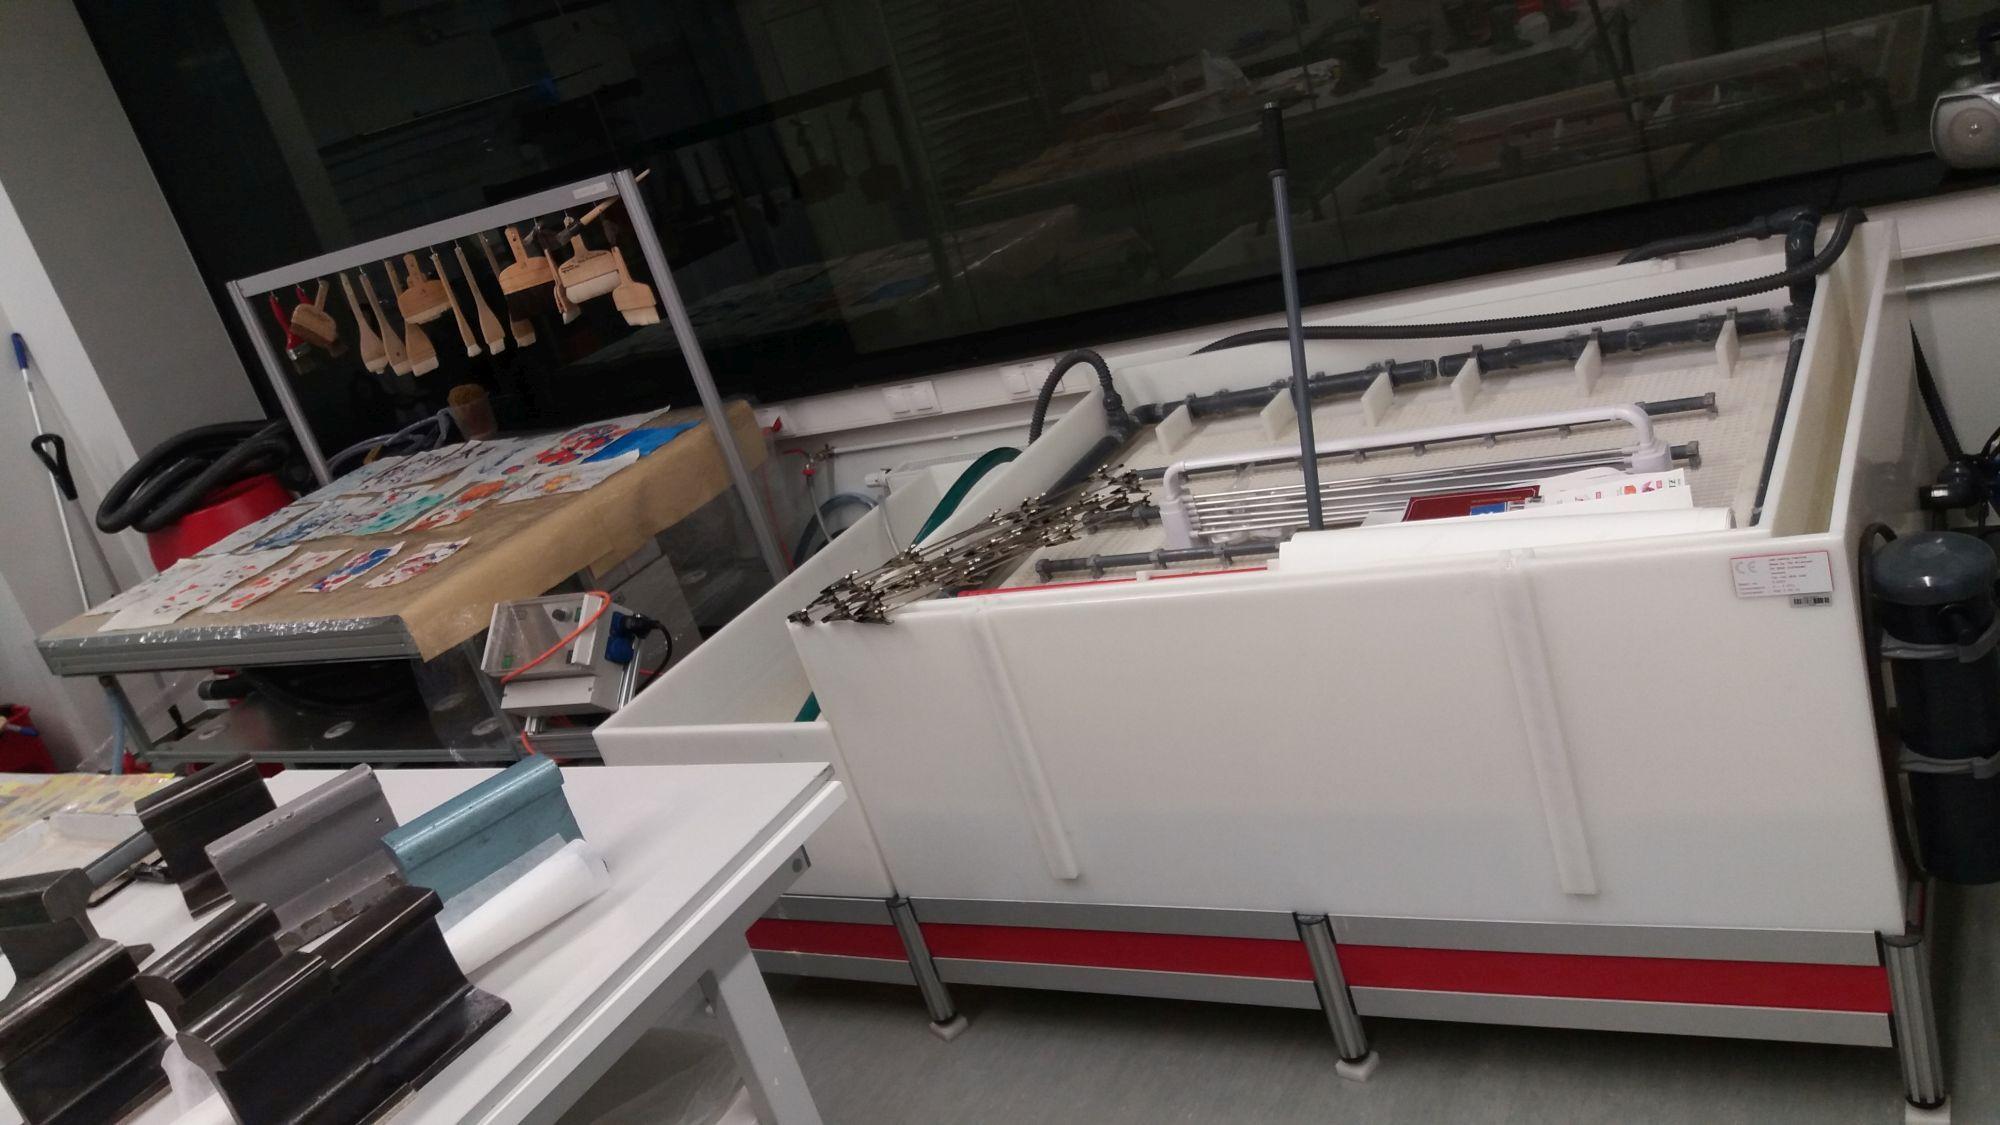 Suur paberivalamise masin on valmis uues majas suurteks tegudeks